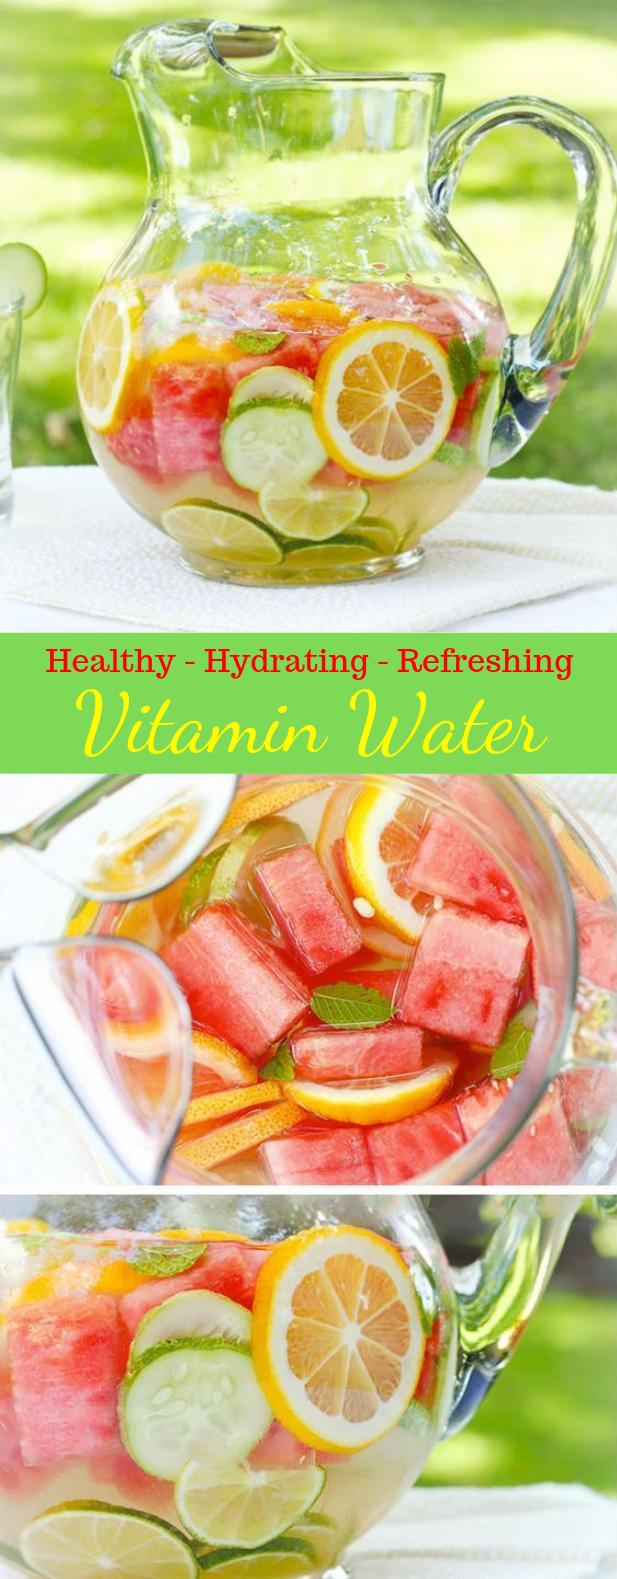 REFRESHING, NOURISHING HOMEMADE VITAMIN WATER #Drink #Water